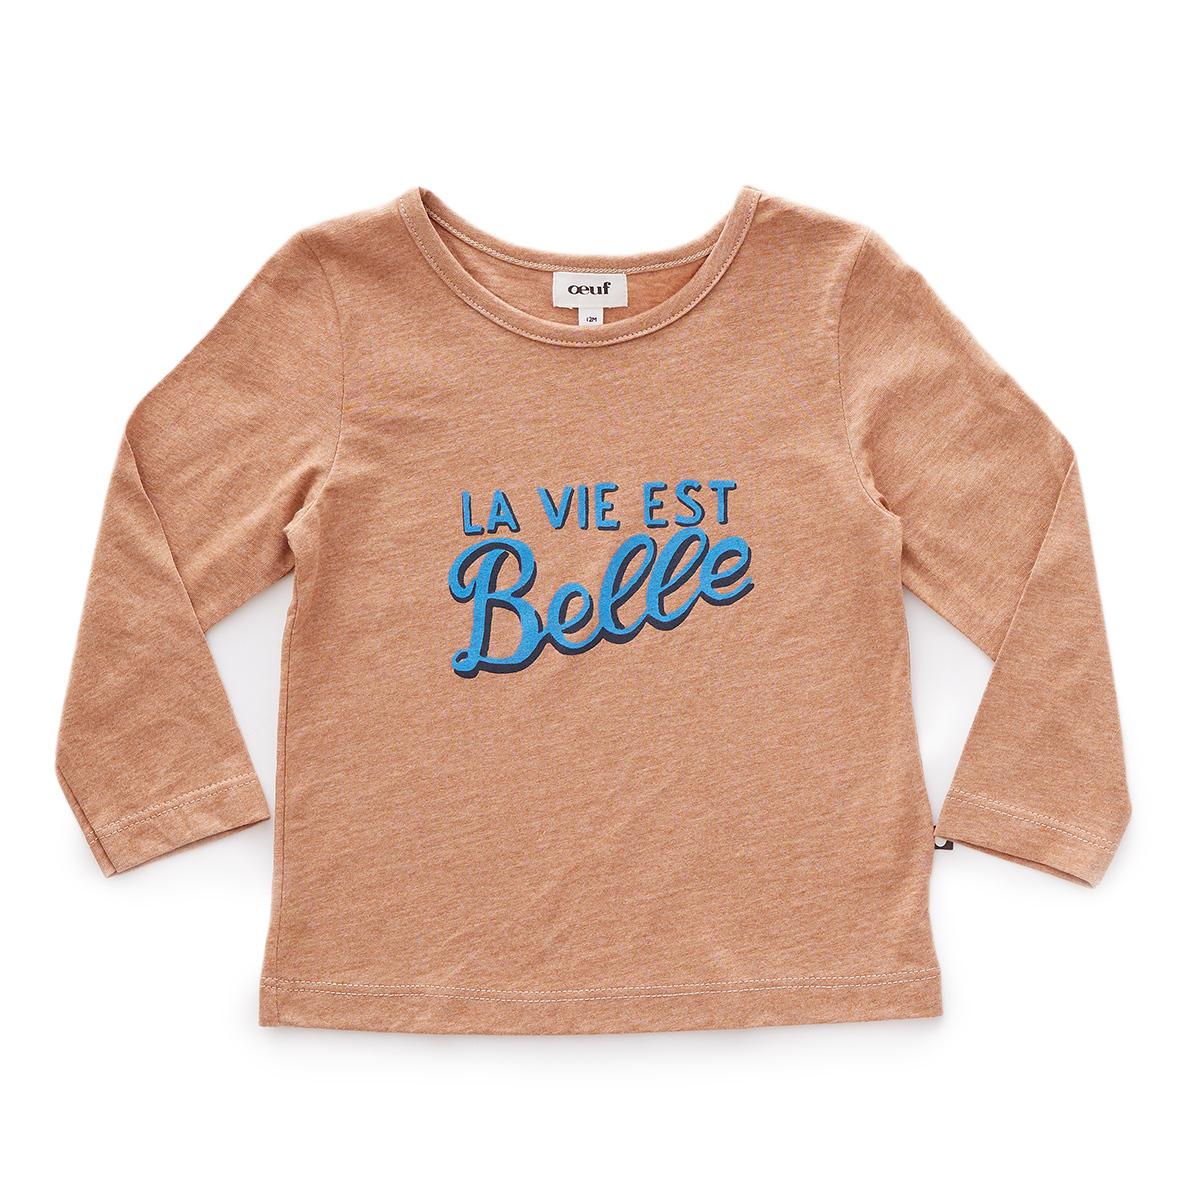 Hauts bébé Tee-shirt La Vie Est Belle Marron - 12 Mois Tee-shirt La Vie Est Belle Marron - 12 Mois